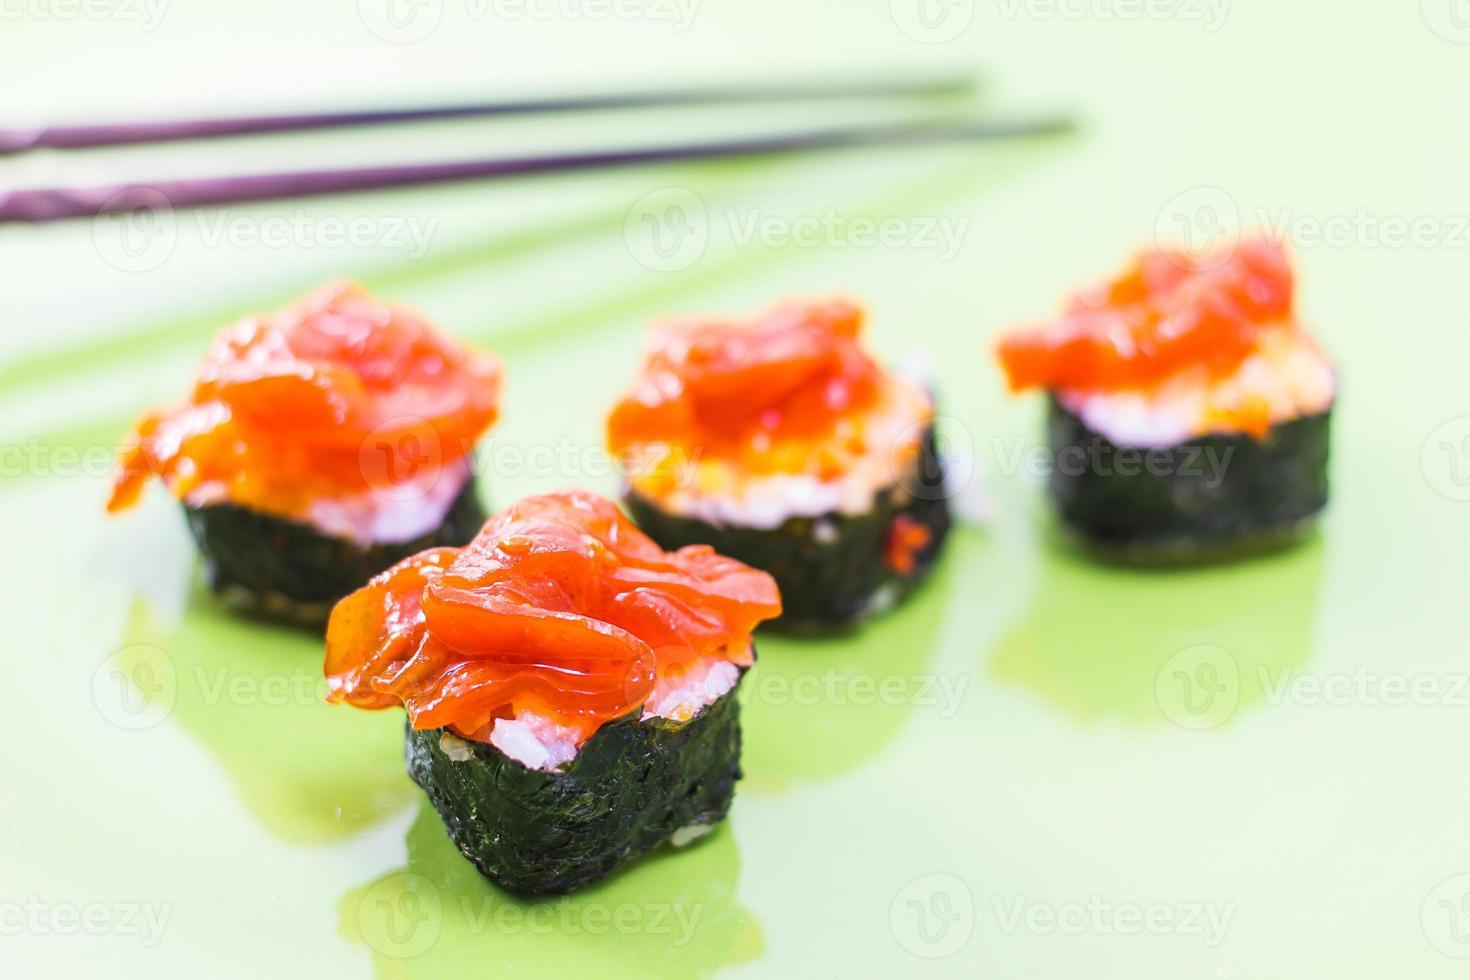 rouleaux de sushi cuisine japonaise traditionnelle photo